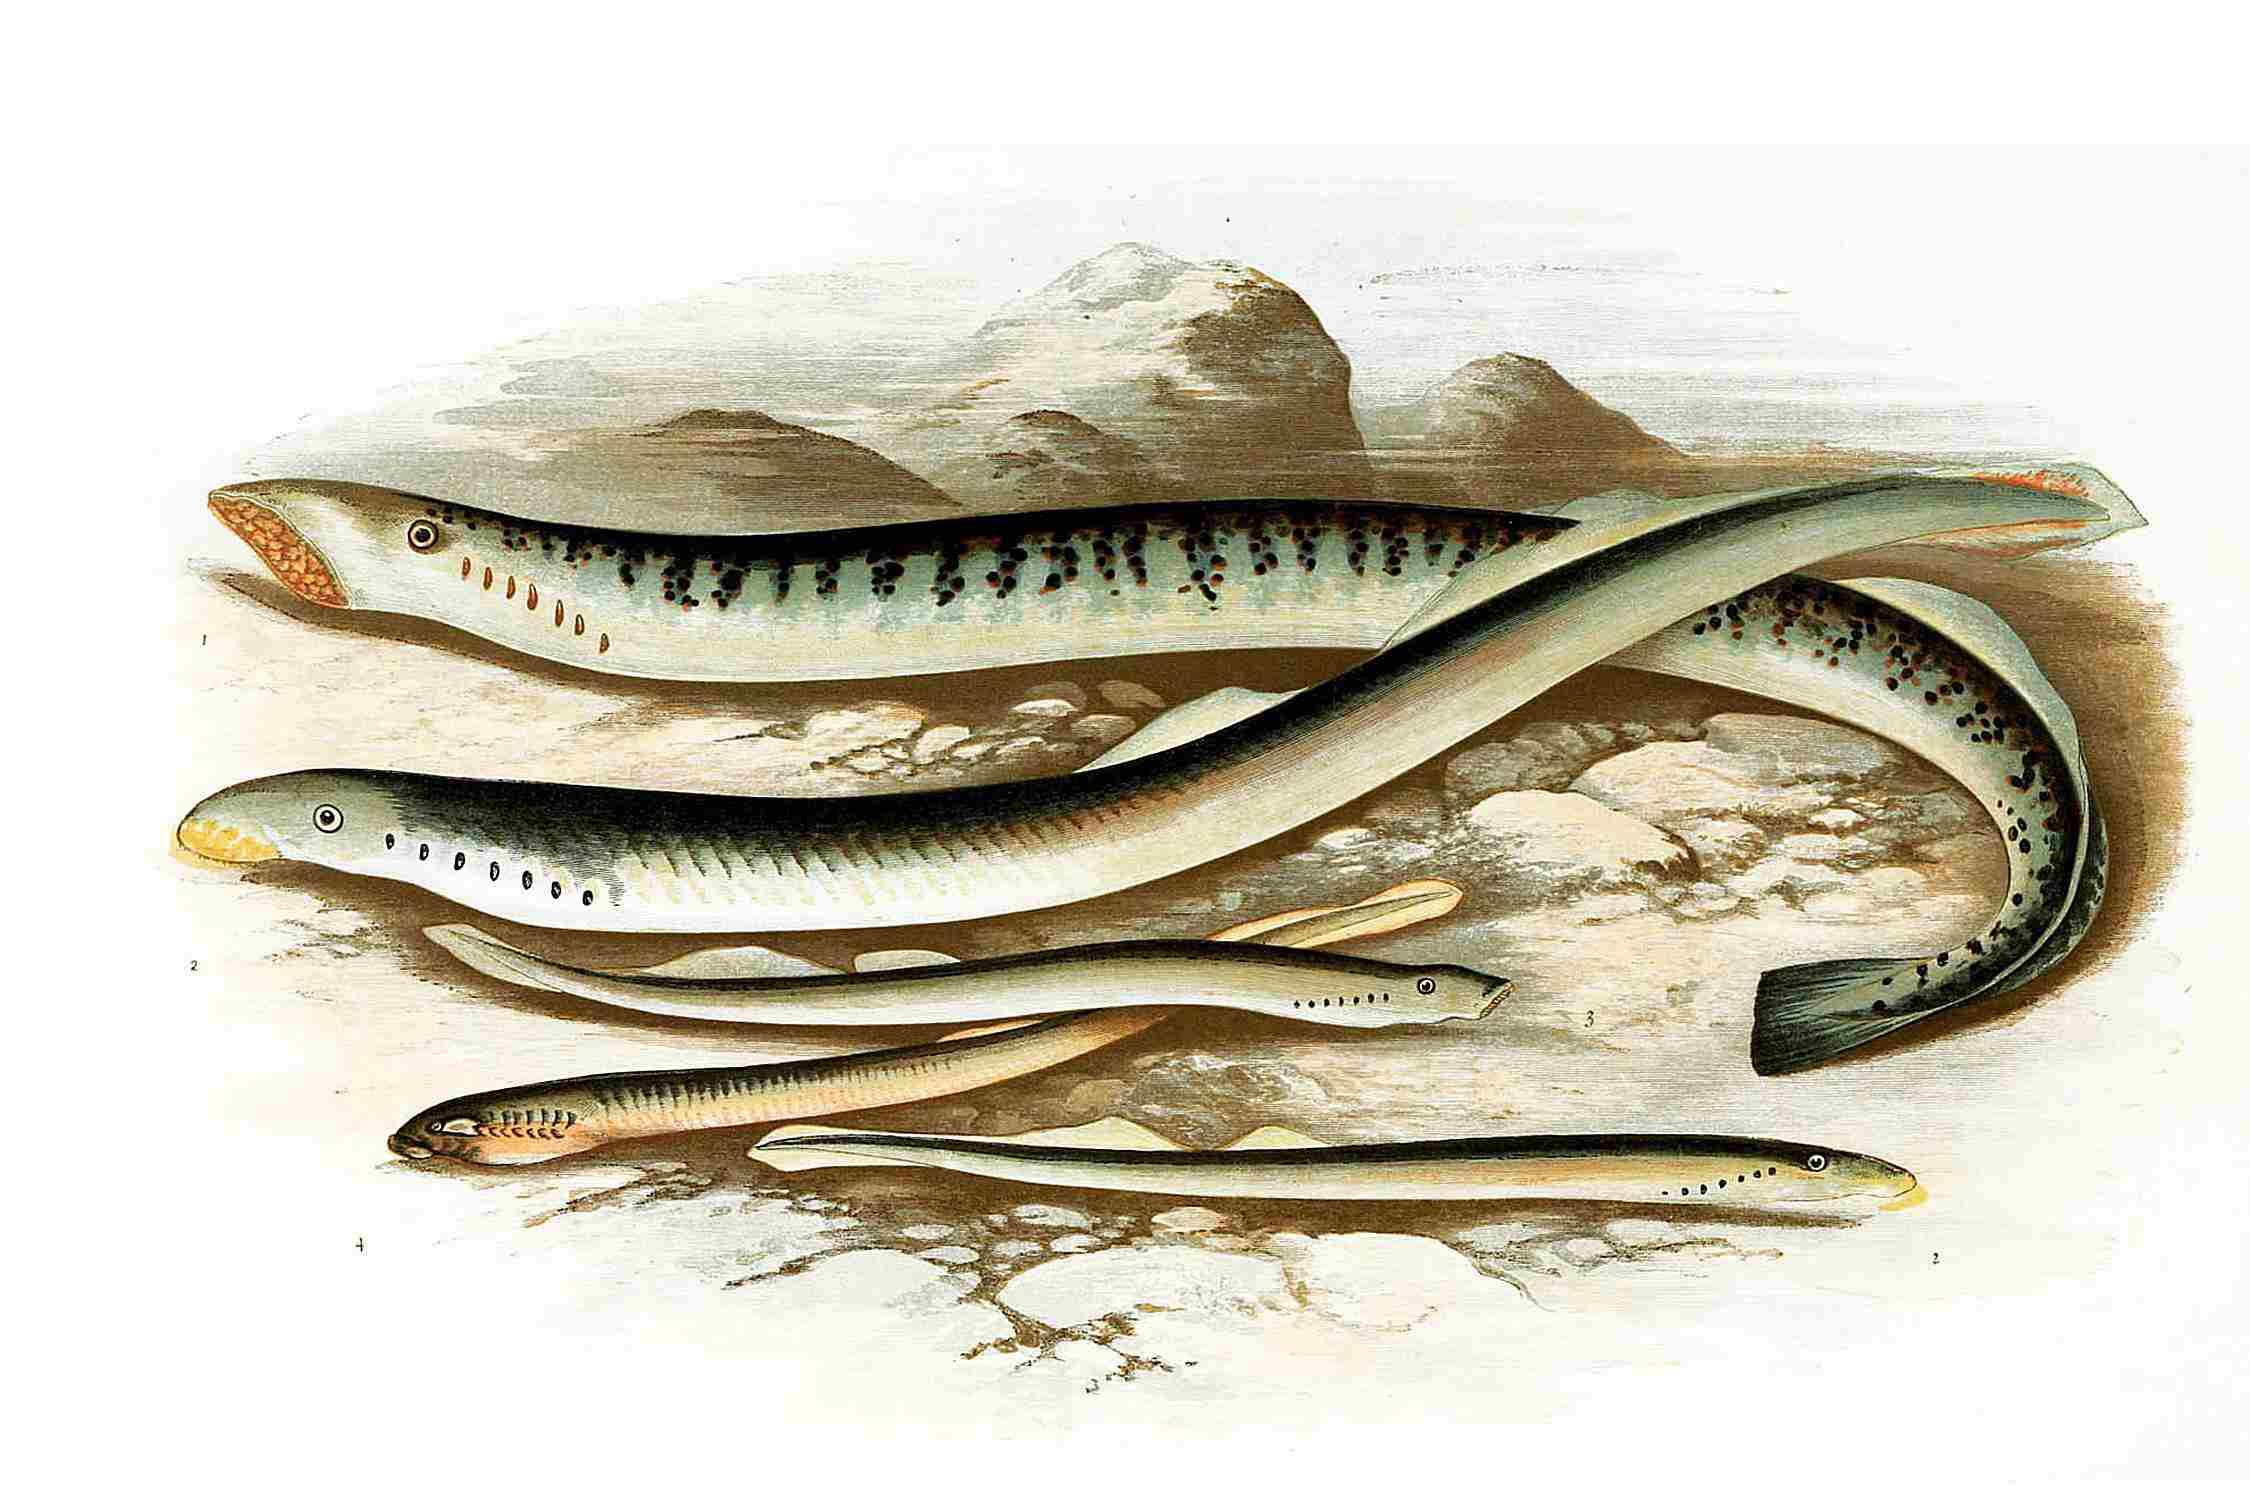 Sea lamprey, lampern and Planer's lamprey